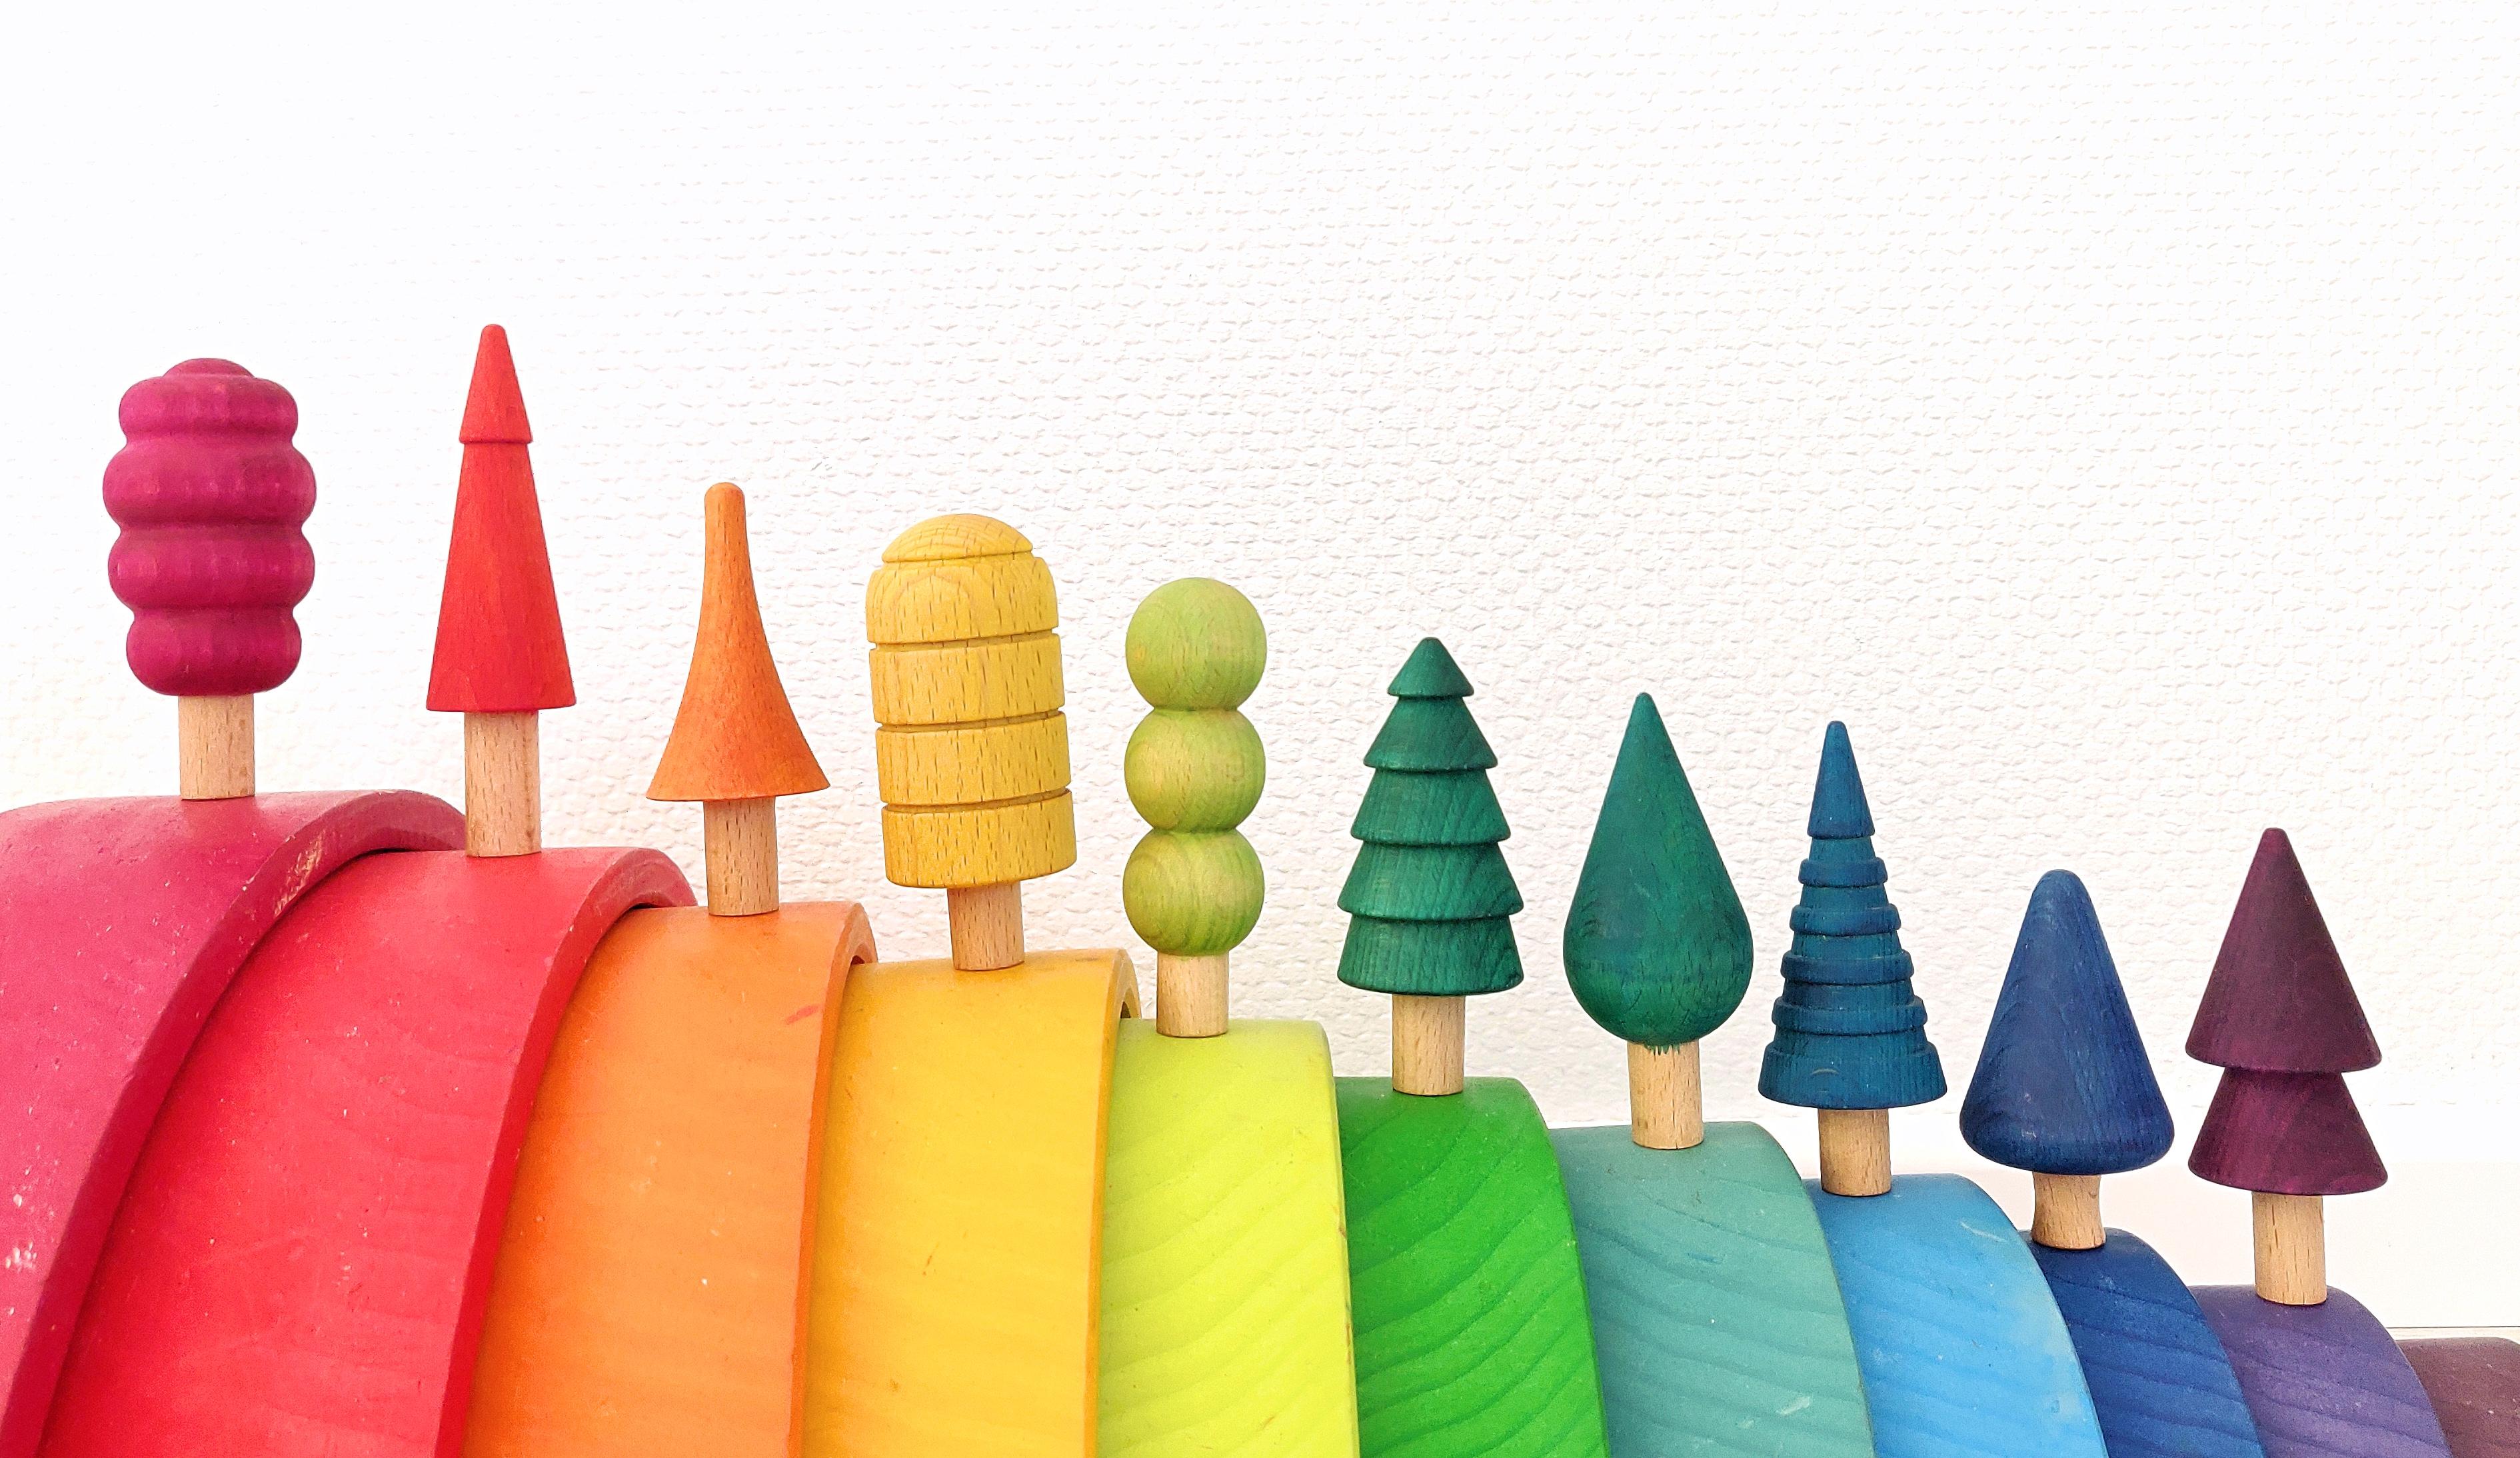 bomen schilderen regenboog kleuren